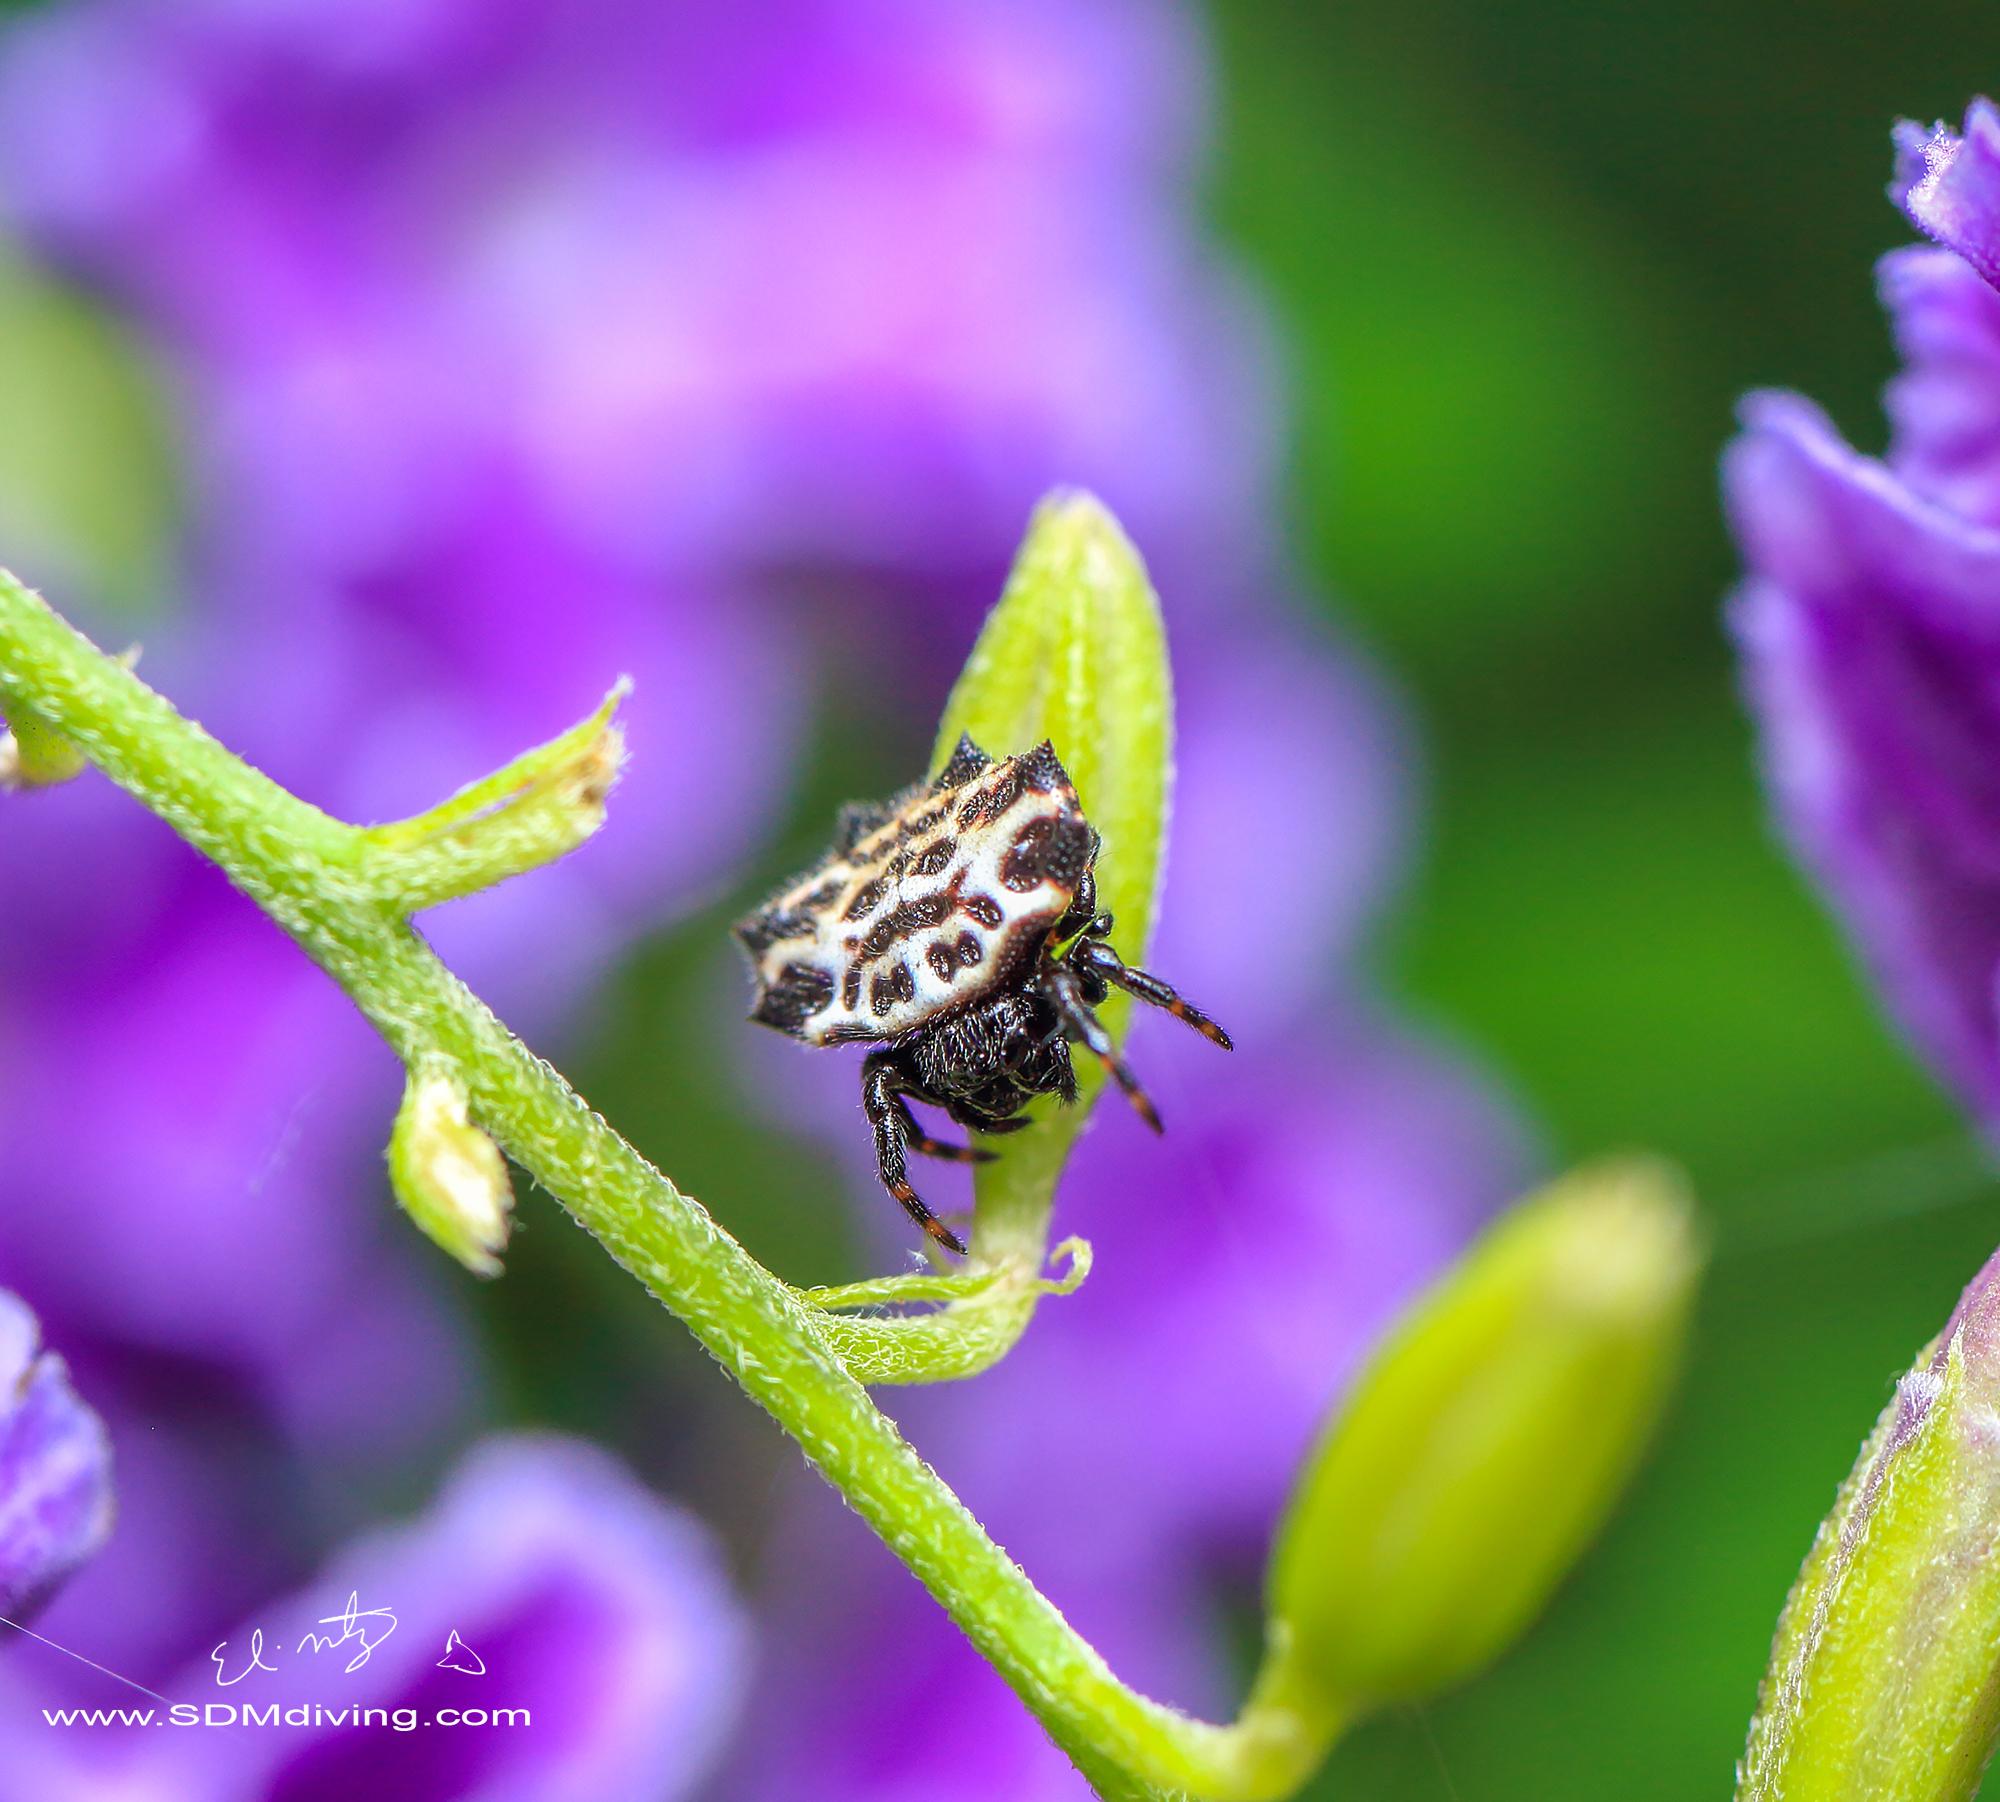 16. Star spider